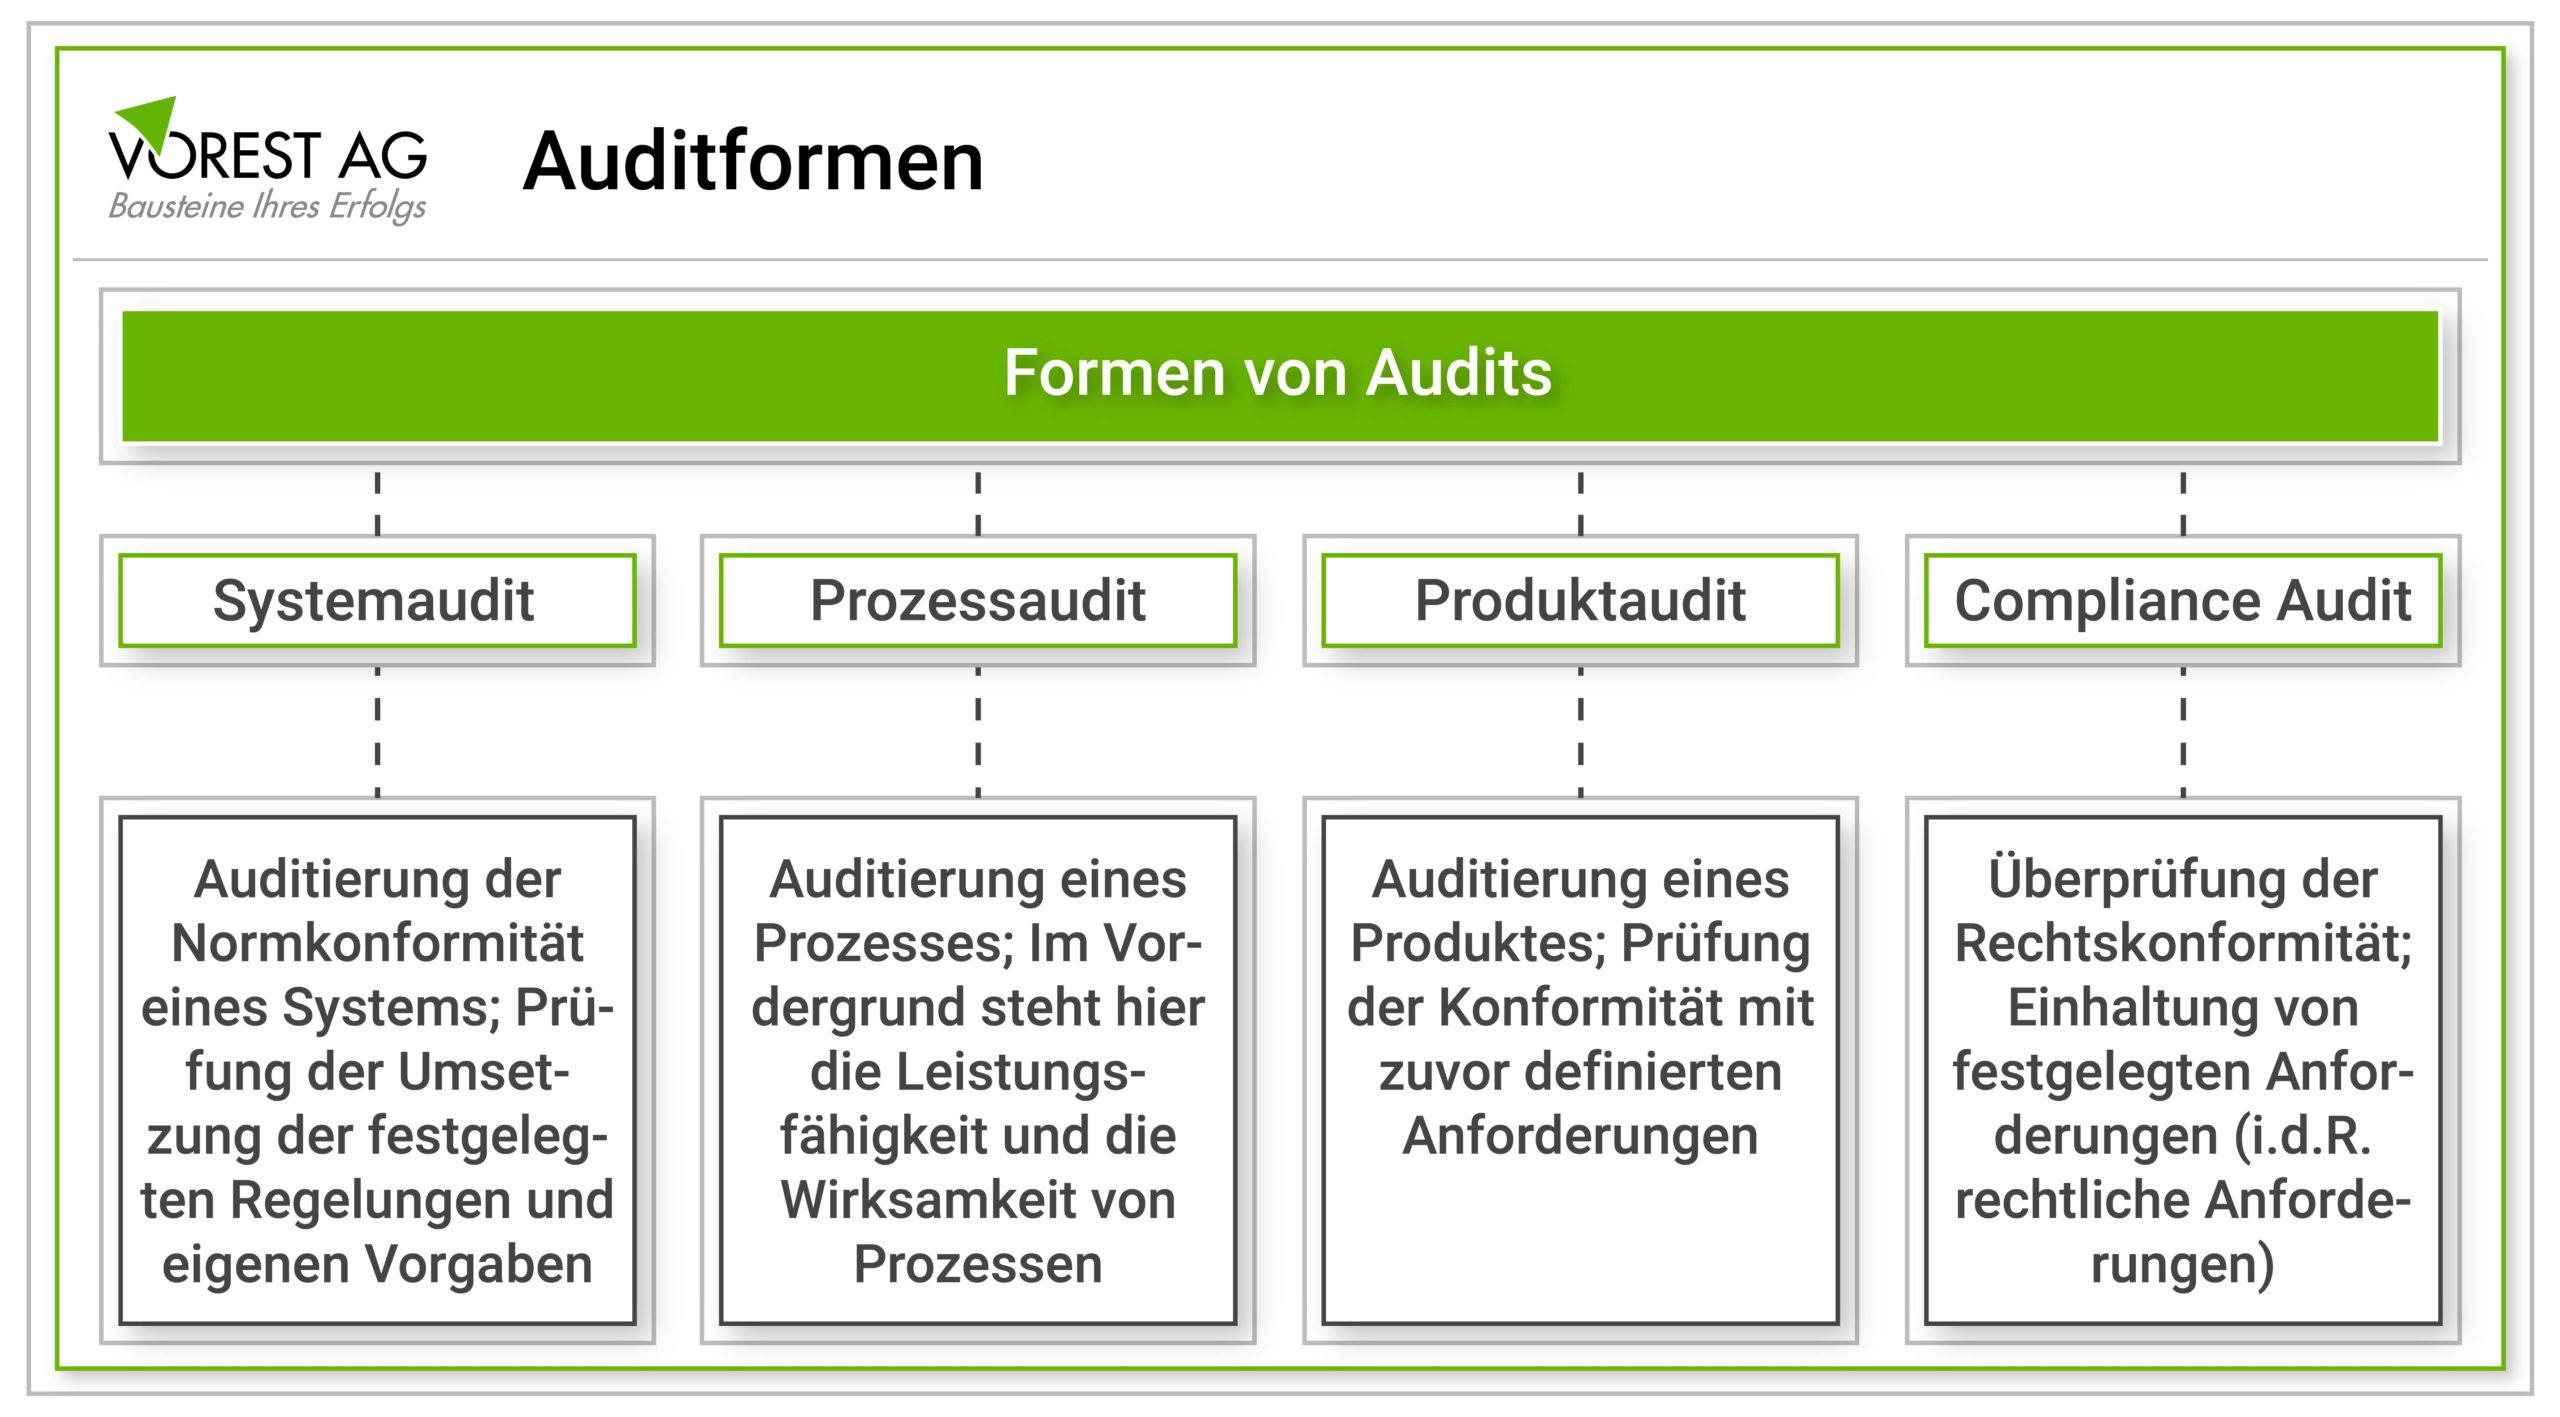 Auditformen